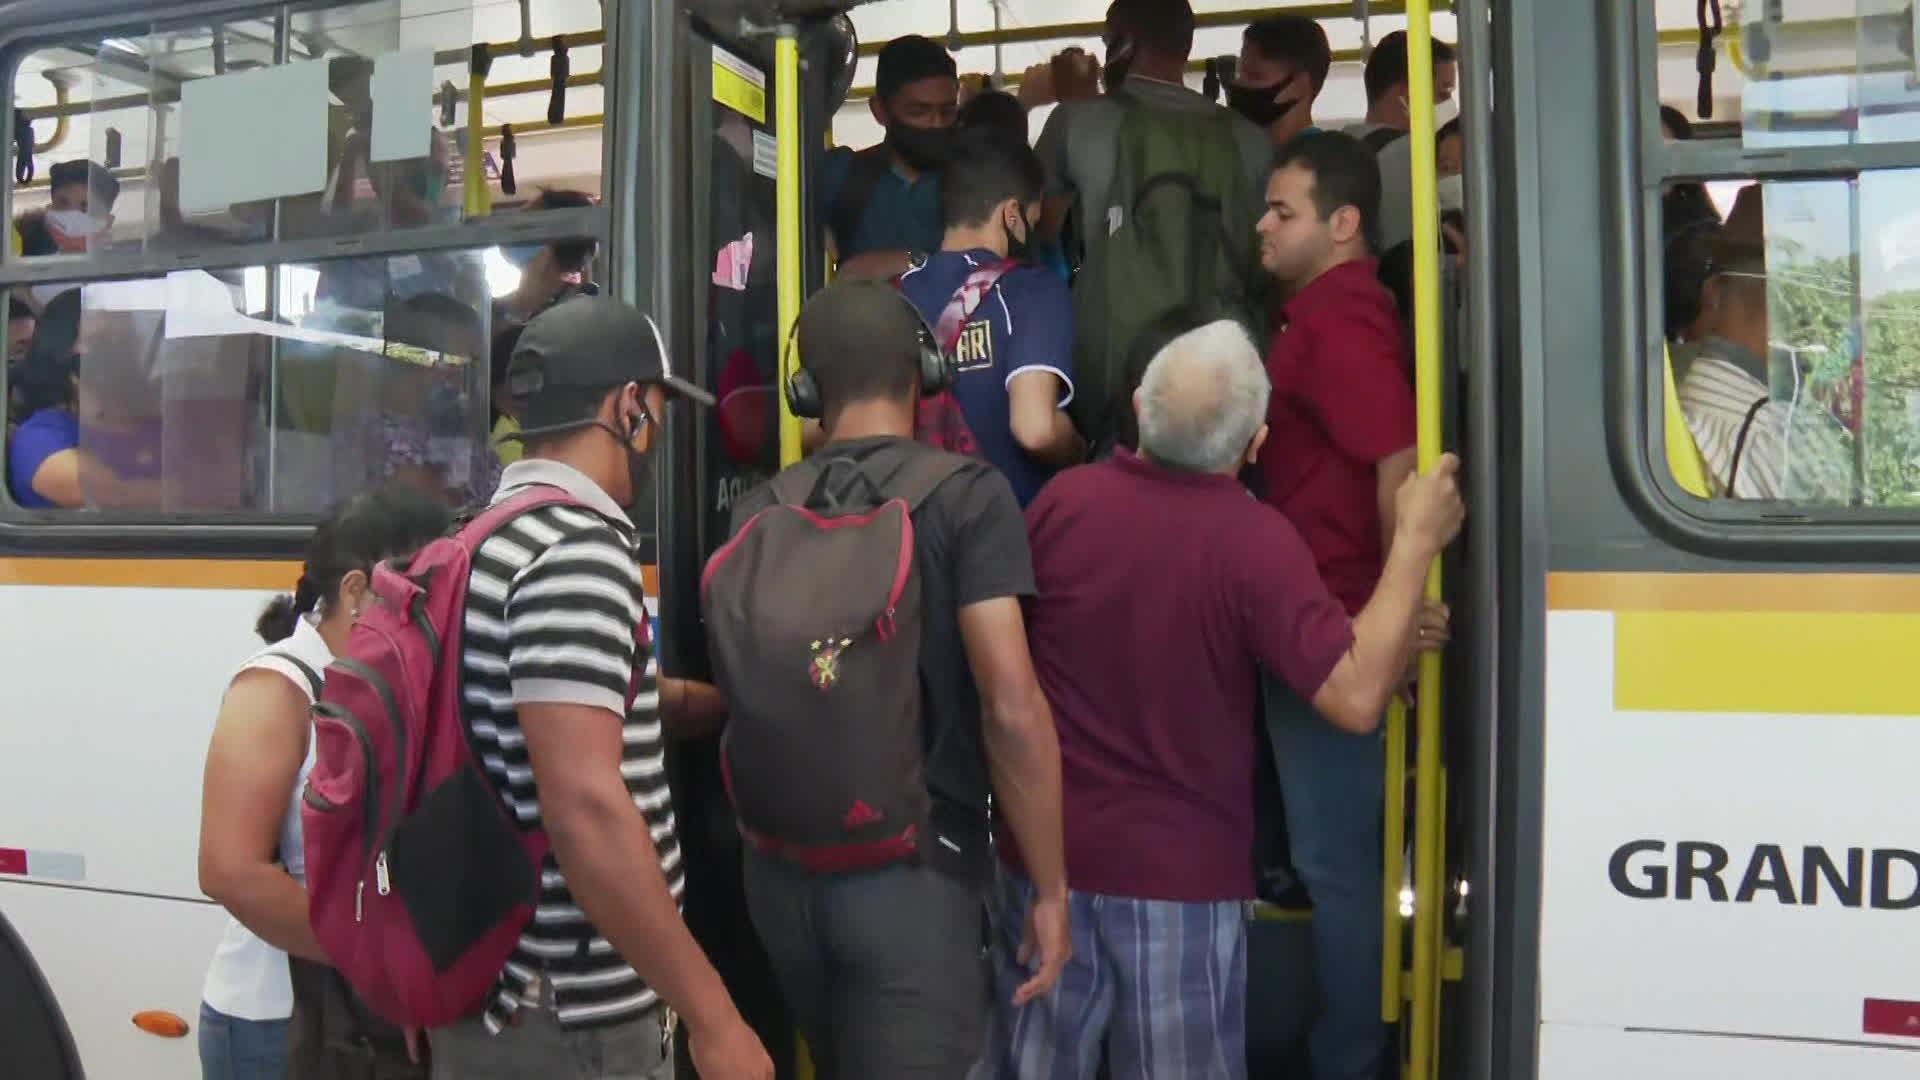 Linhas de ônibus têm ampliação de frota, diz Grande Recife Consórcio